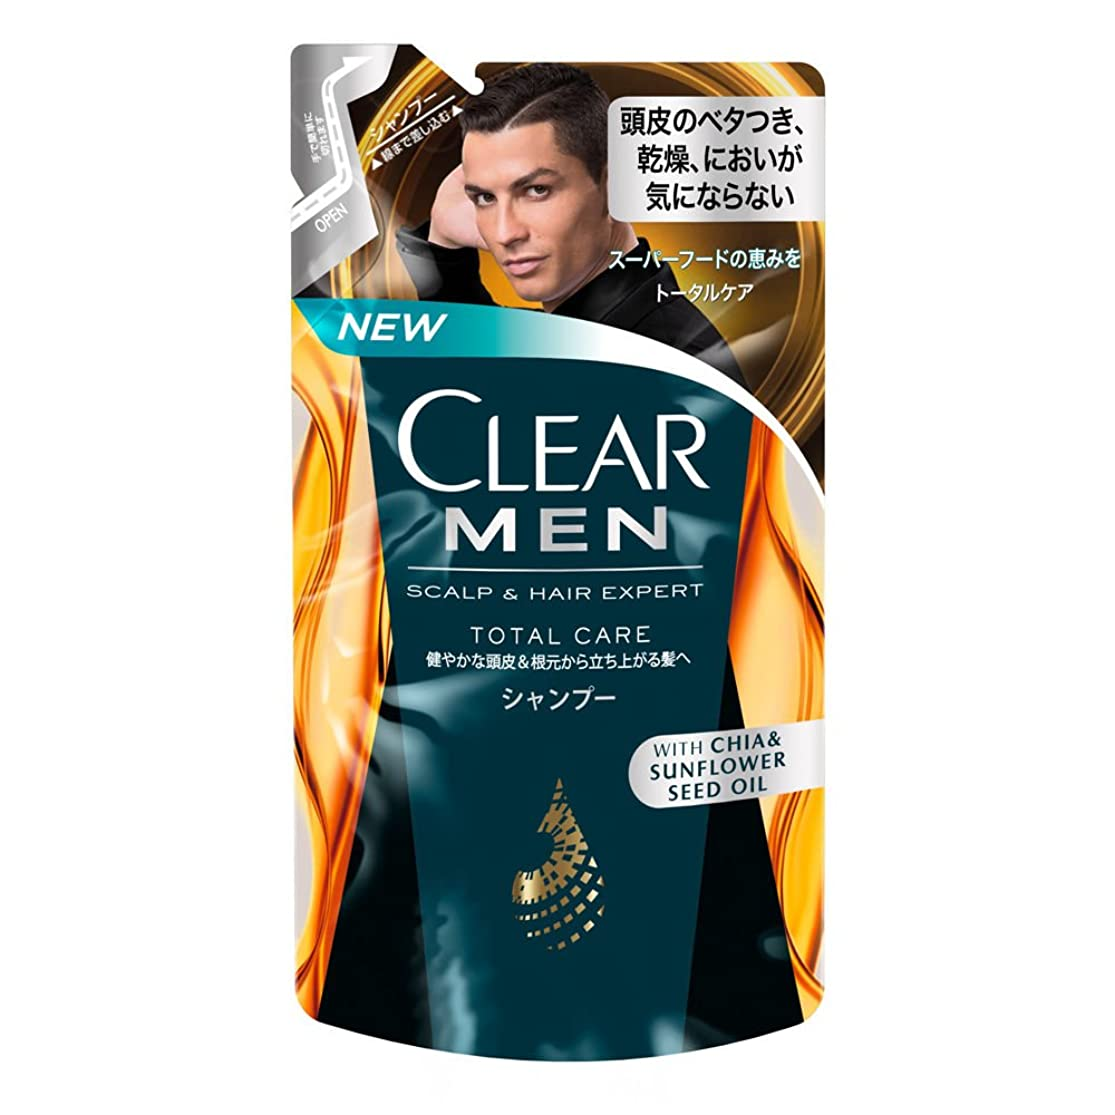 マンハッタン機密デッキクリア フォーメン トータルケア 男性用シャンプー つめかえ用 (健やかな頭皮へ) 280g